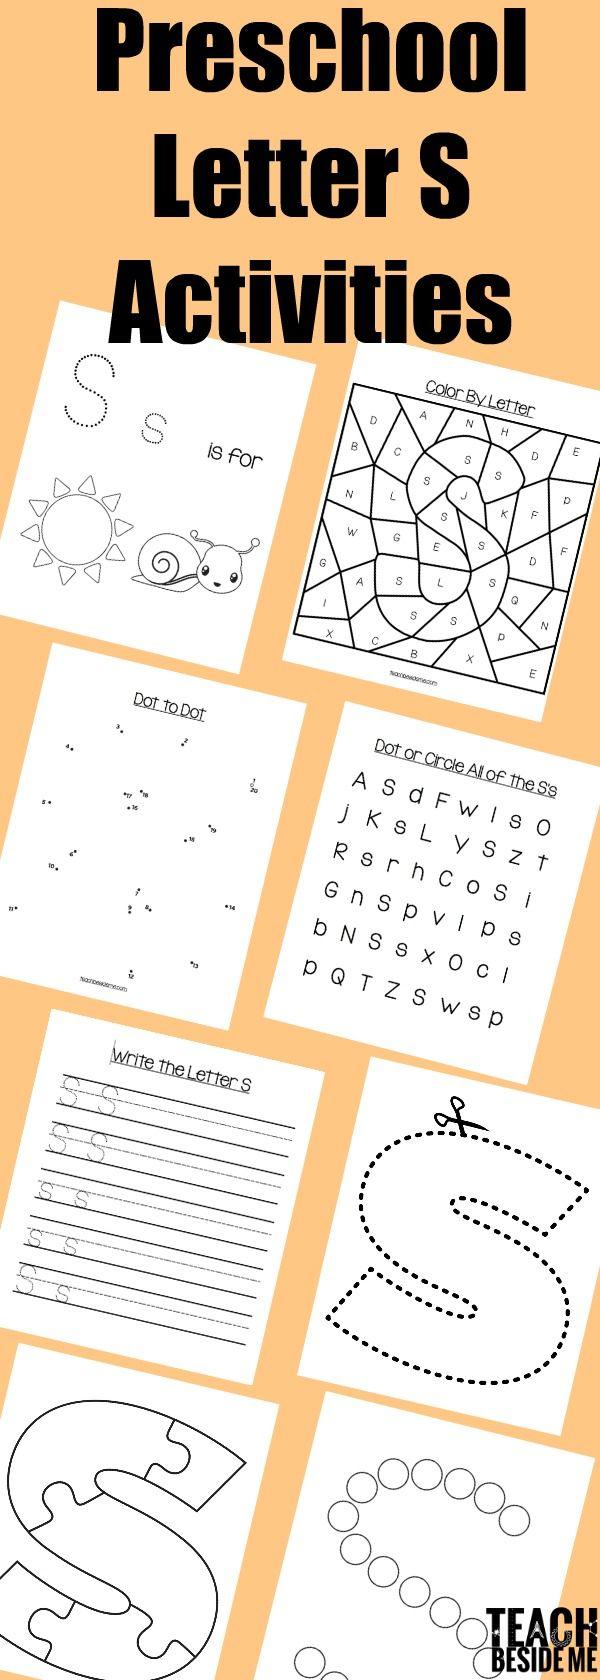 Preschool Letter S Activities worksheets